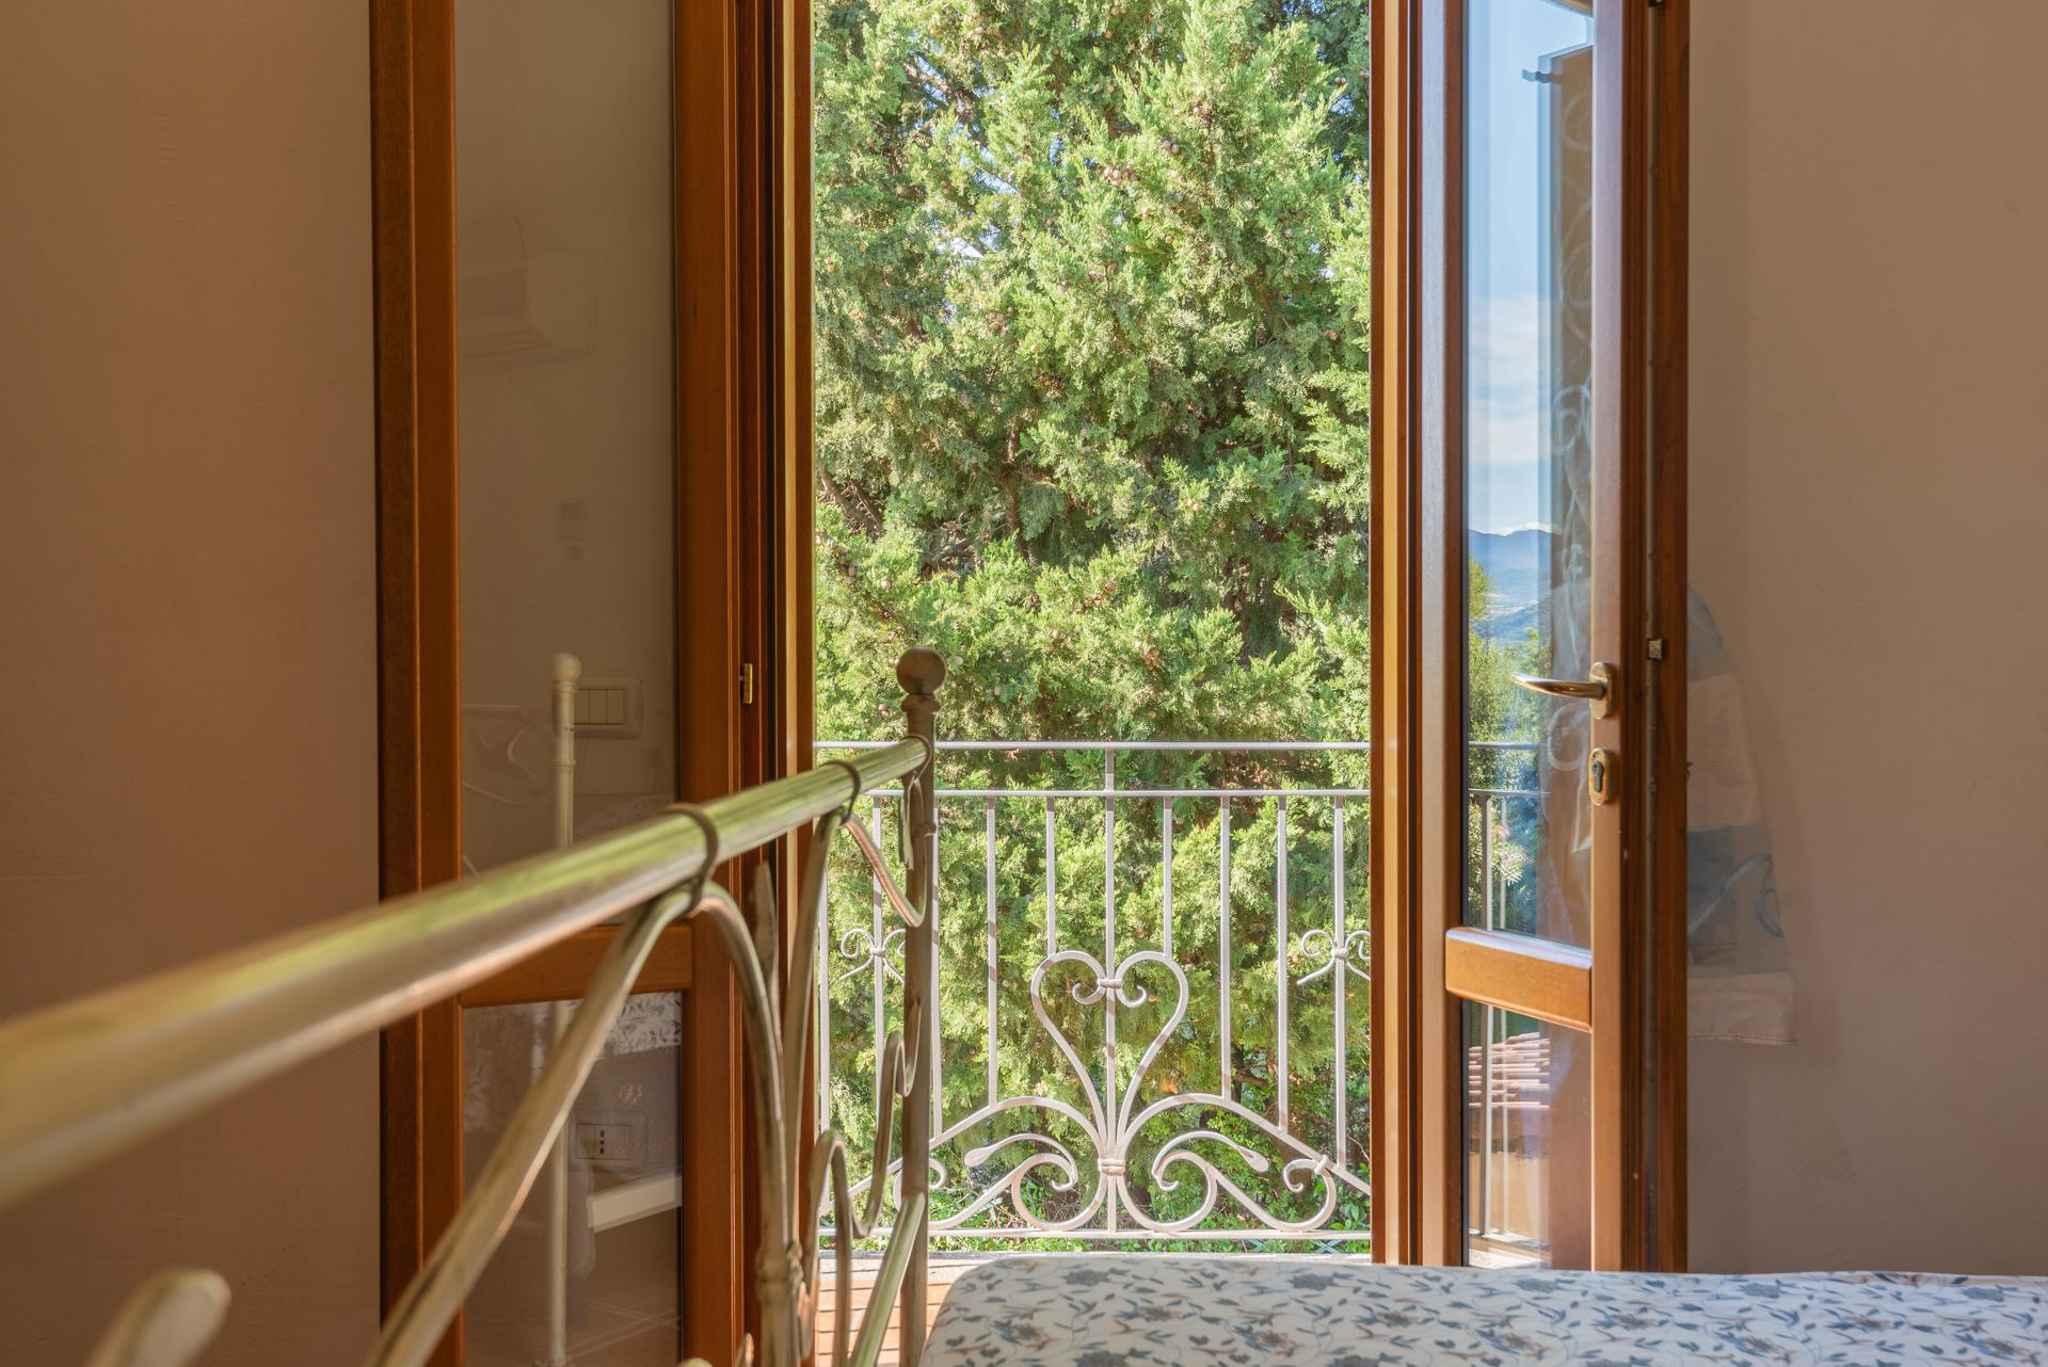 Ferienhaus mit Pool und Klimaanlage (2218540), Budoni, Olbia-Tempio, Sardinien, Italien, Bild 21